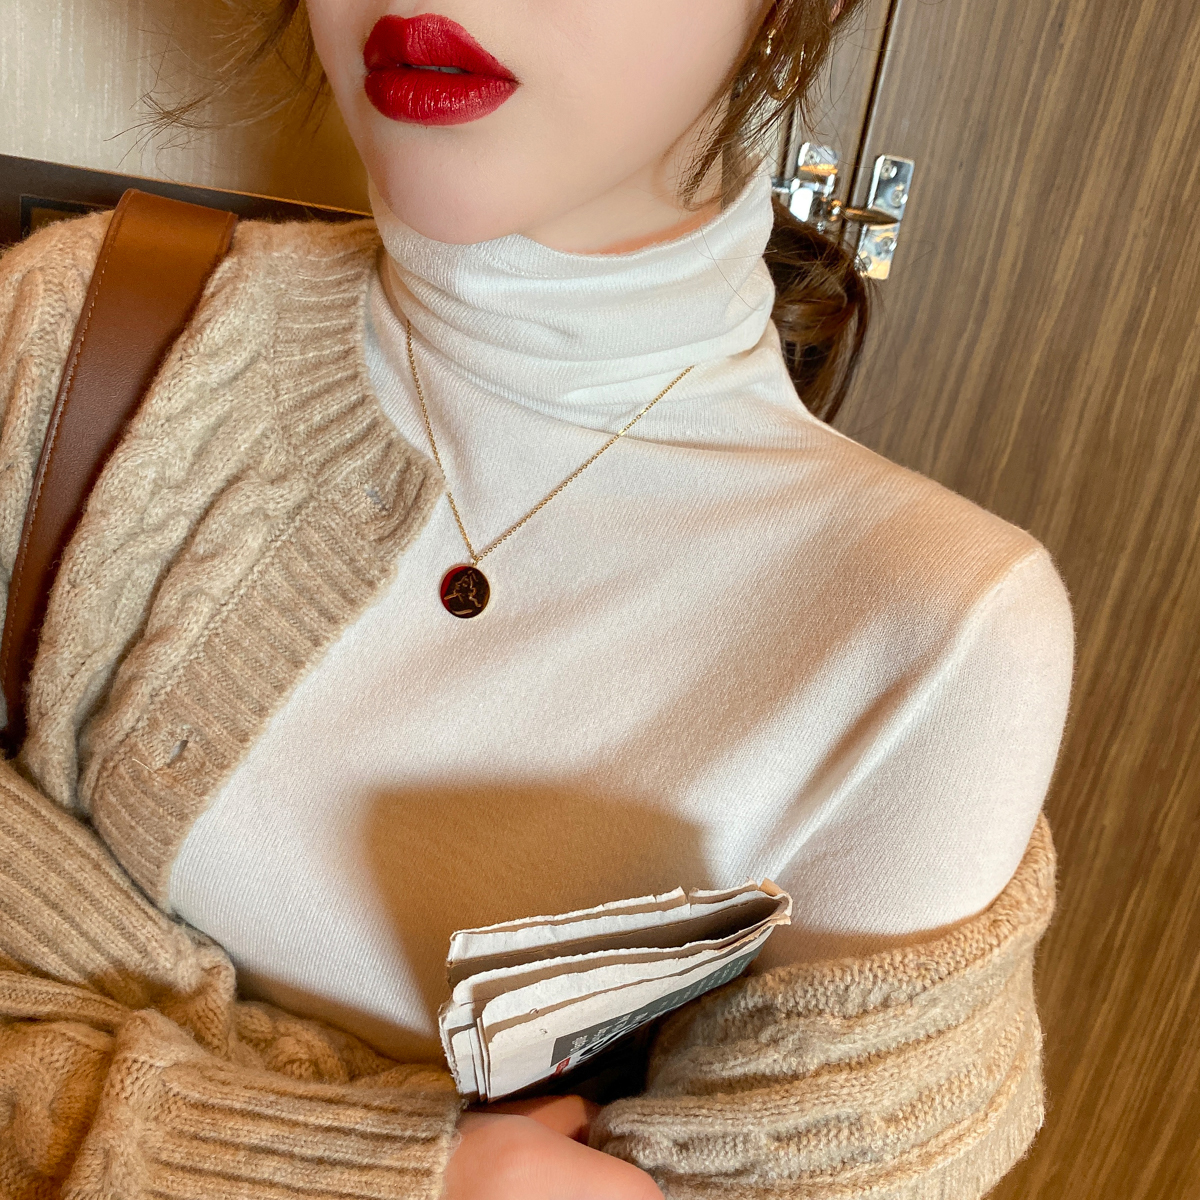 秋冬高领毛衣女新款韩版黑色堆堆领针织衫修身白色内搭洋气打底衫图片